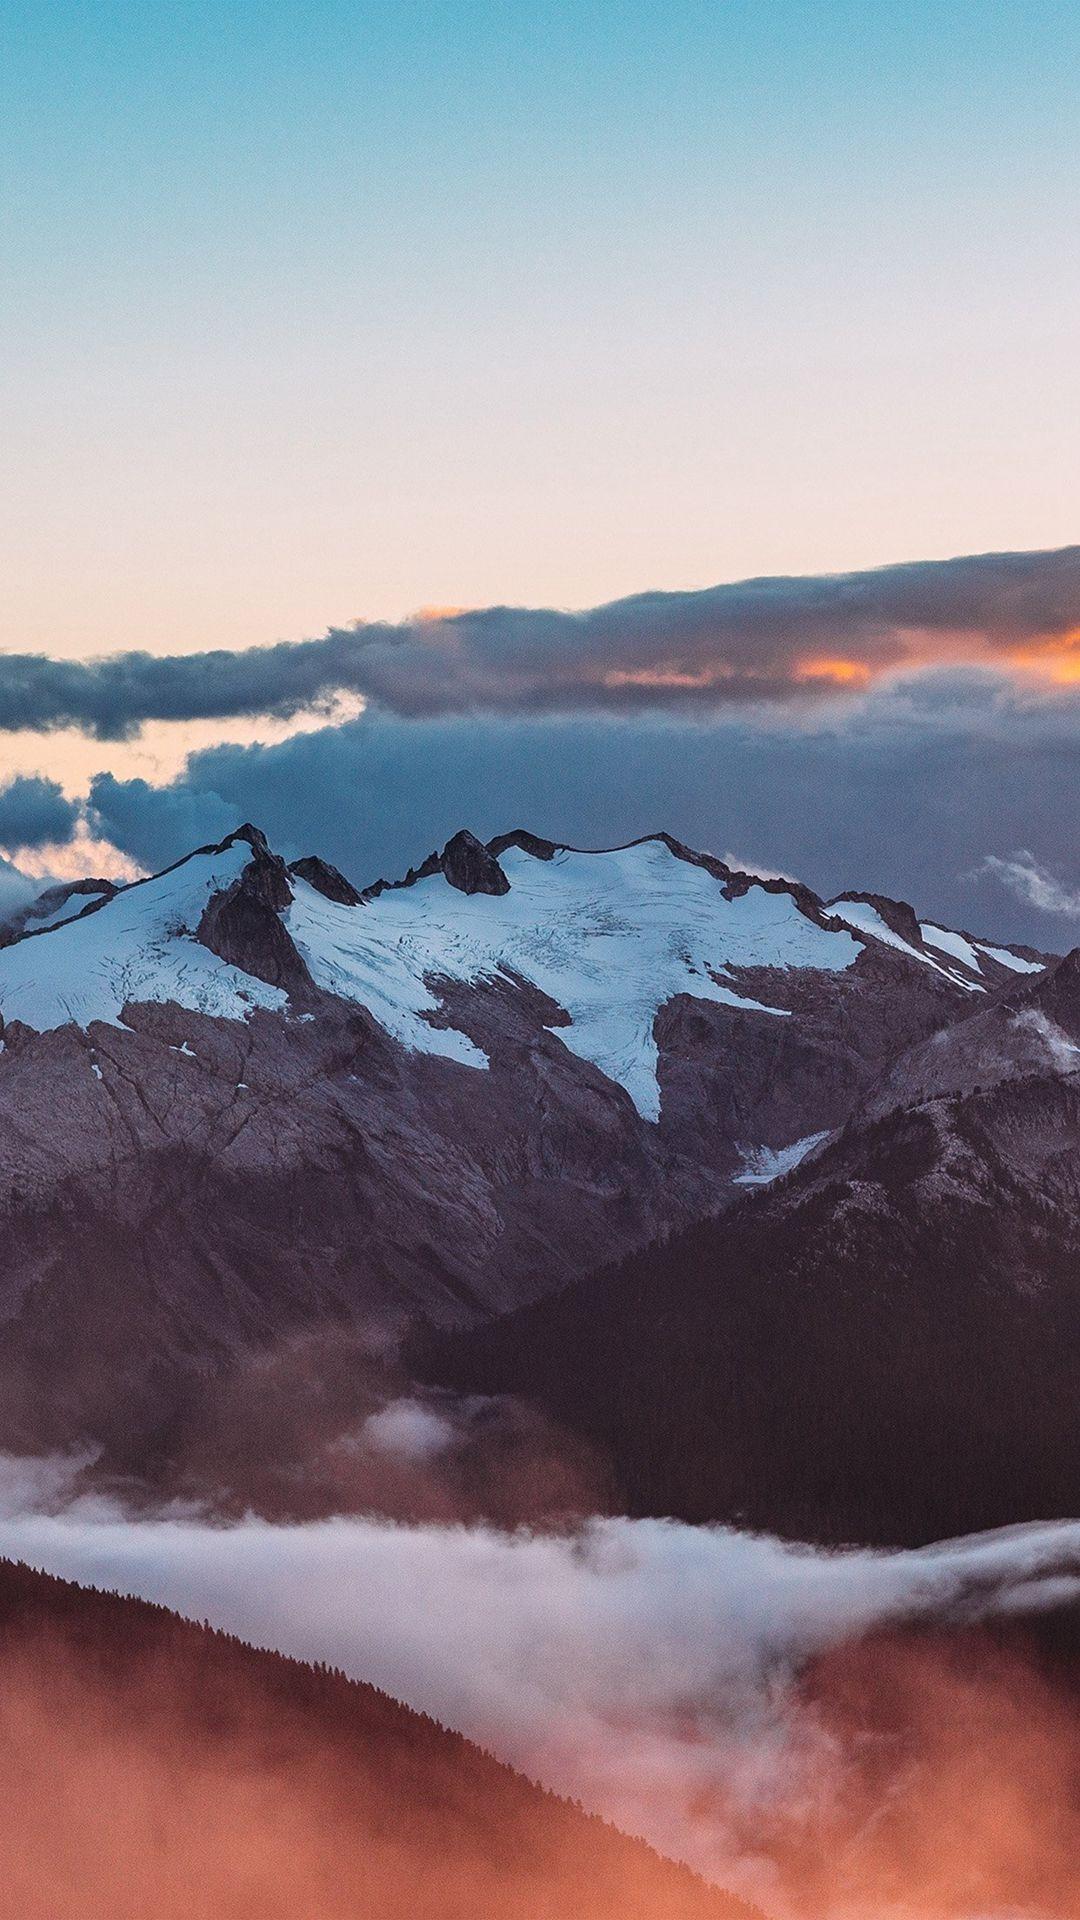 Mountain Sunset Sky Cloud Nature IPhone 6 Wallpaper